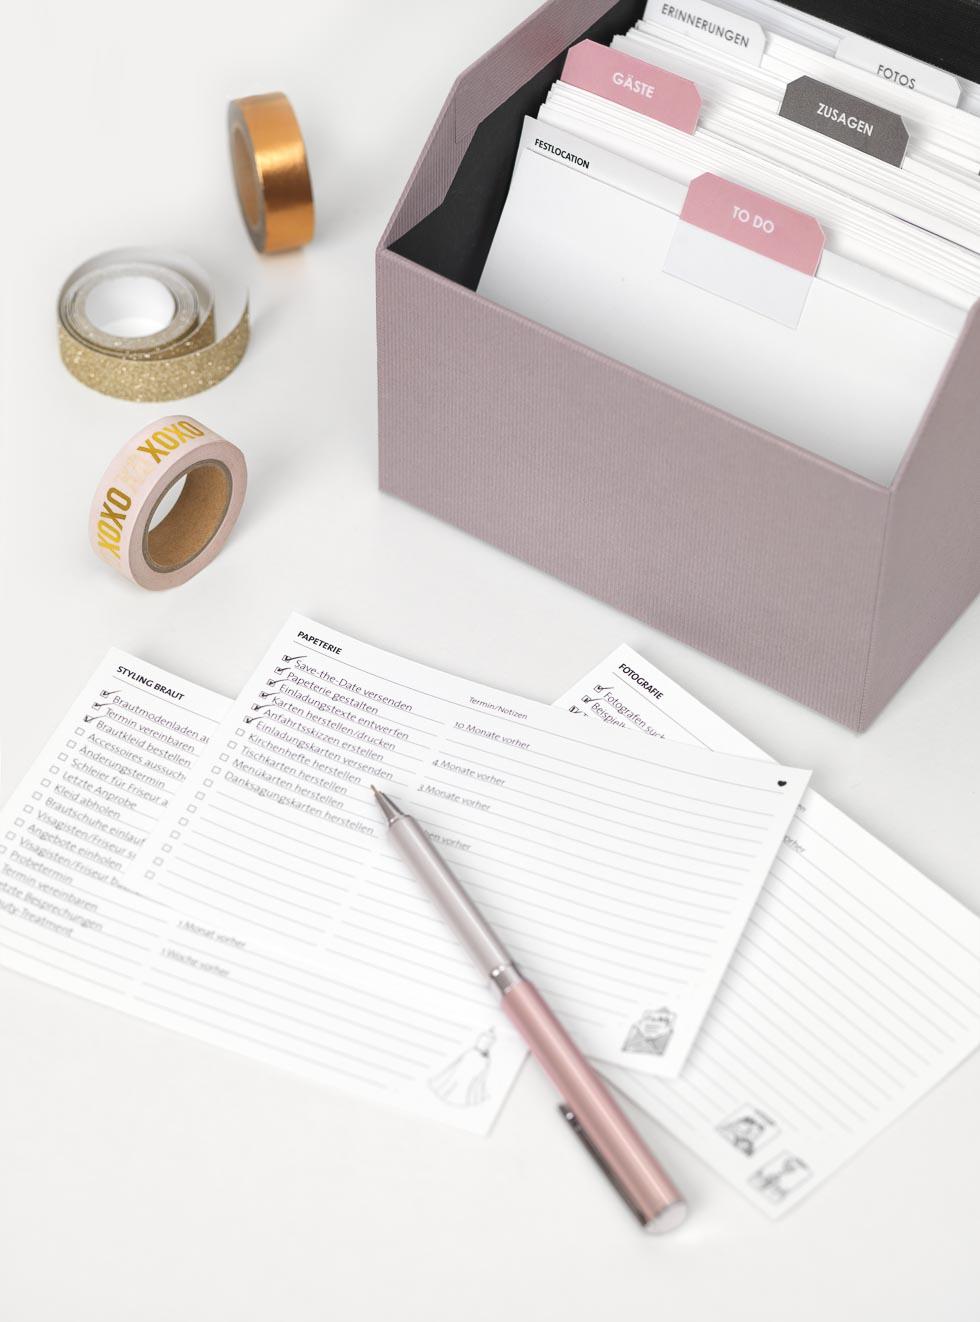 Hochzeitsordner und Checklisten für die Hochzeitsplanung